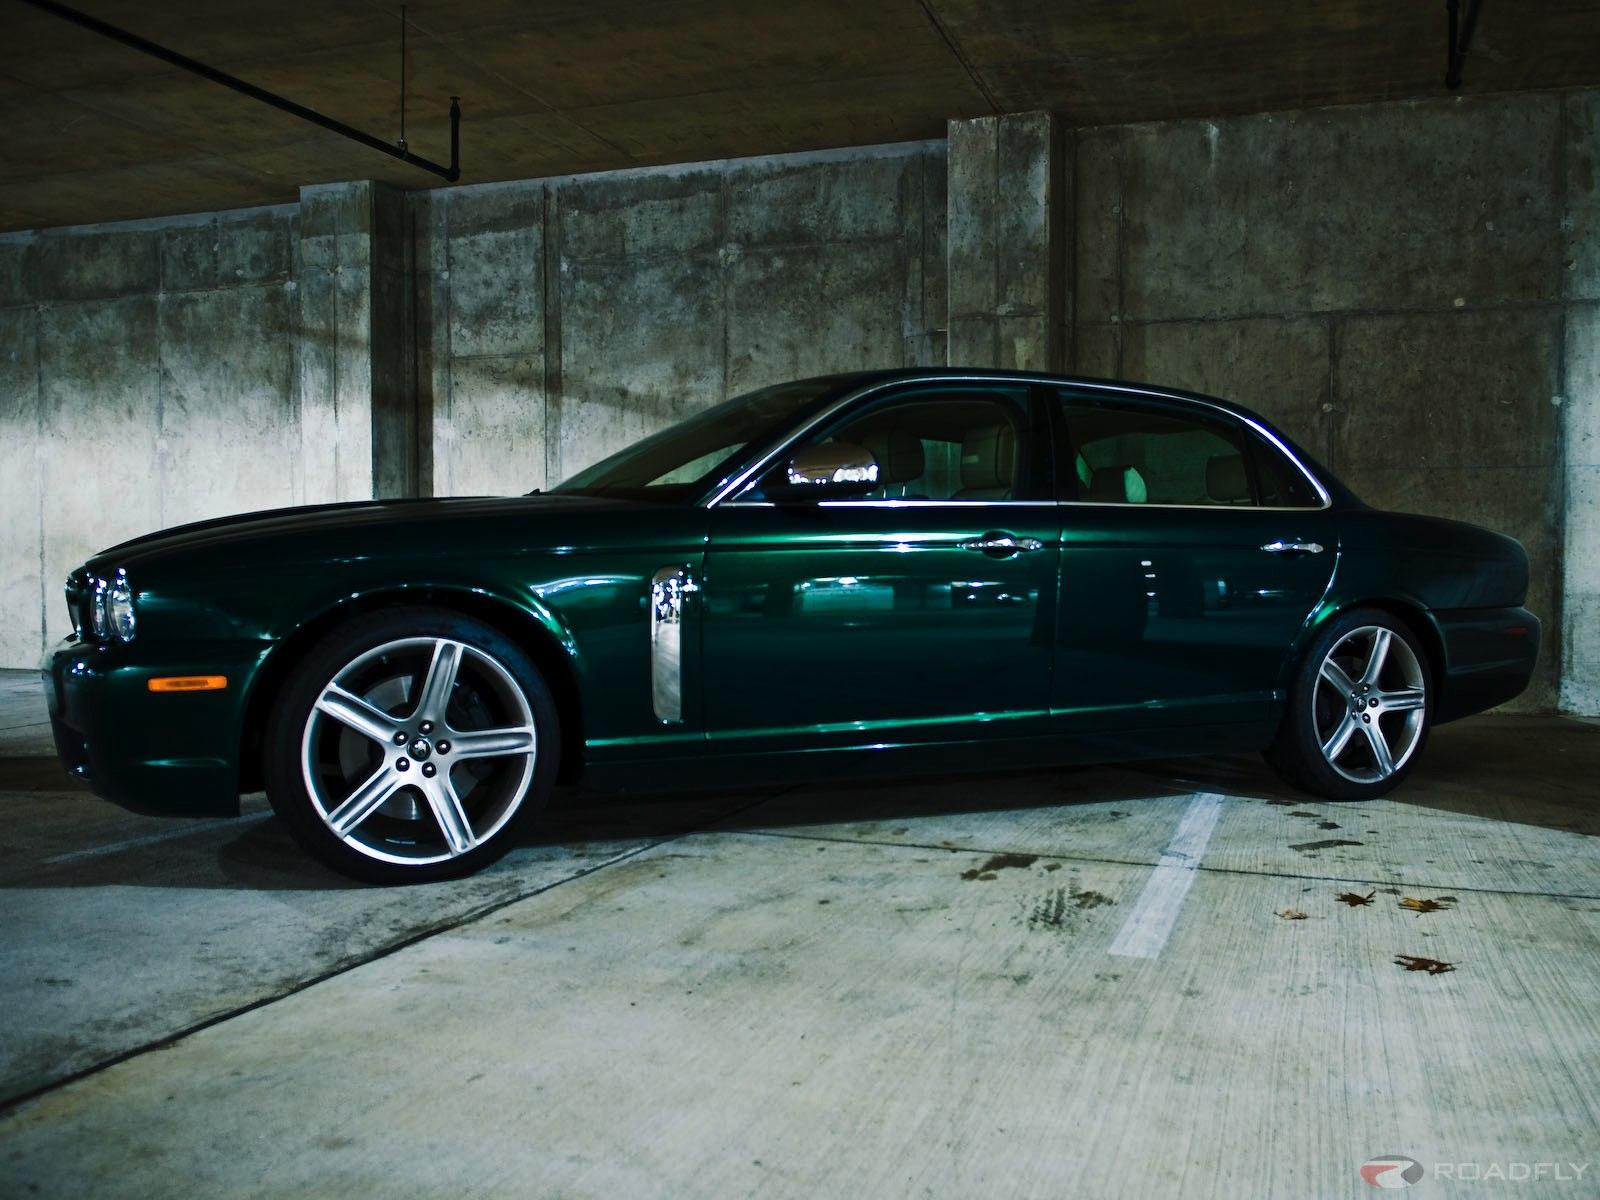 http://3.bp.blogspot.com/_qmwdM_8Ln-Q/S9p7Oao2S7I/AAAAAAAAORs/v4HheqUBVd8/s1600/jaguar-xj-super-v8.jpg